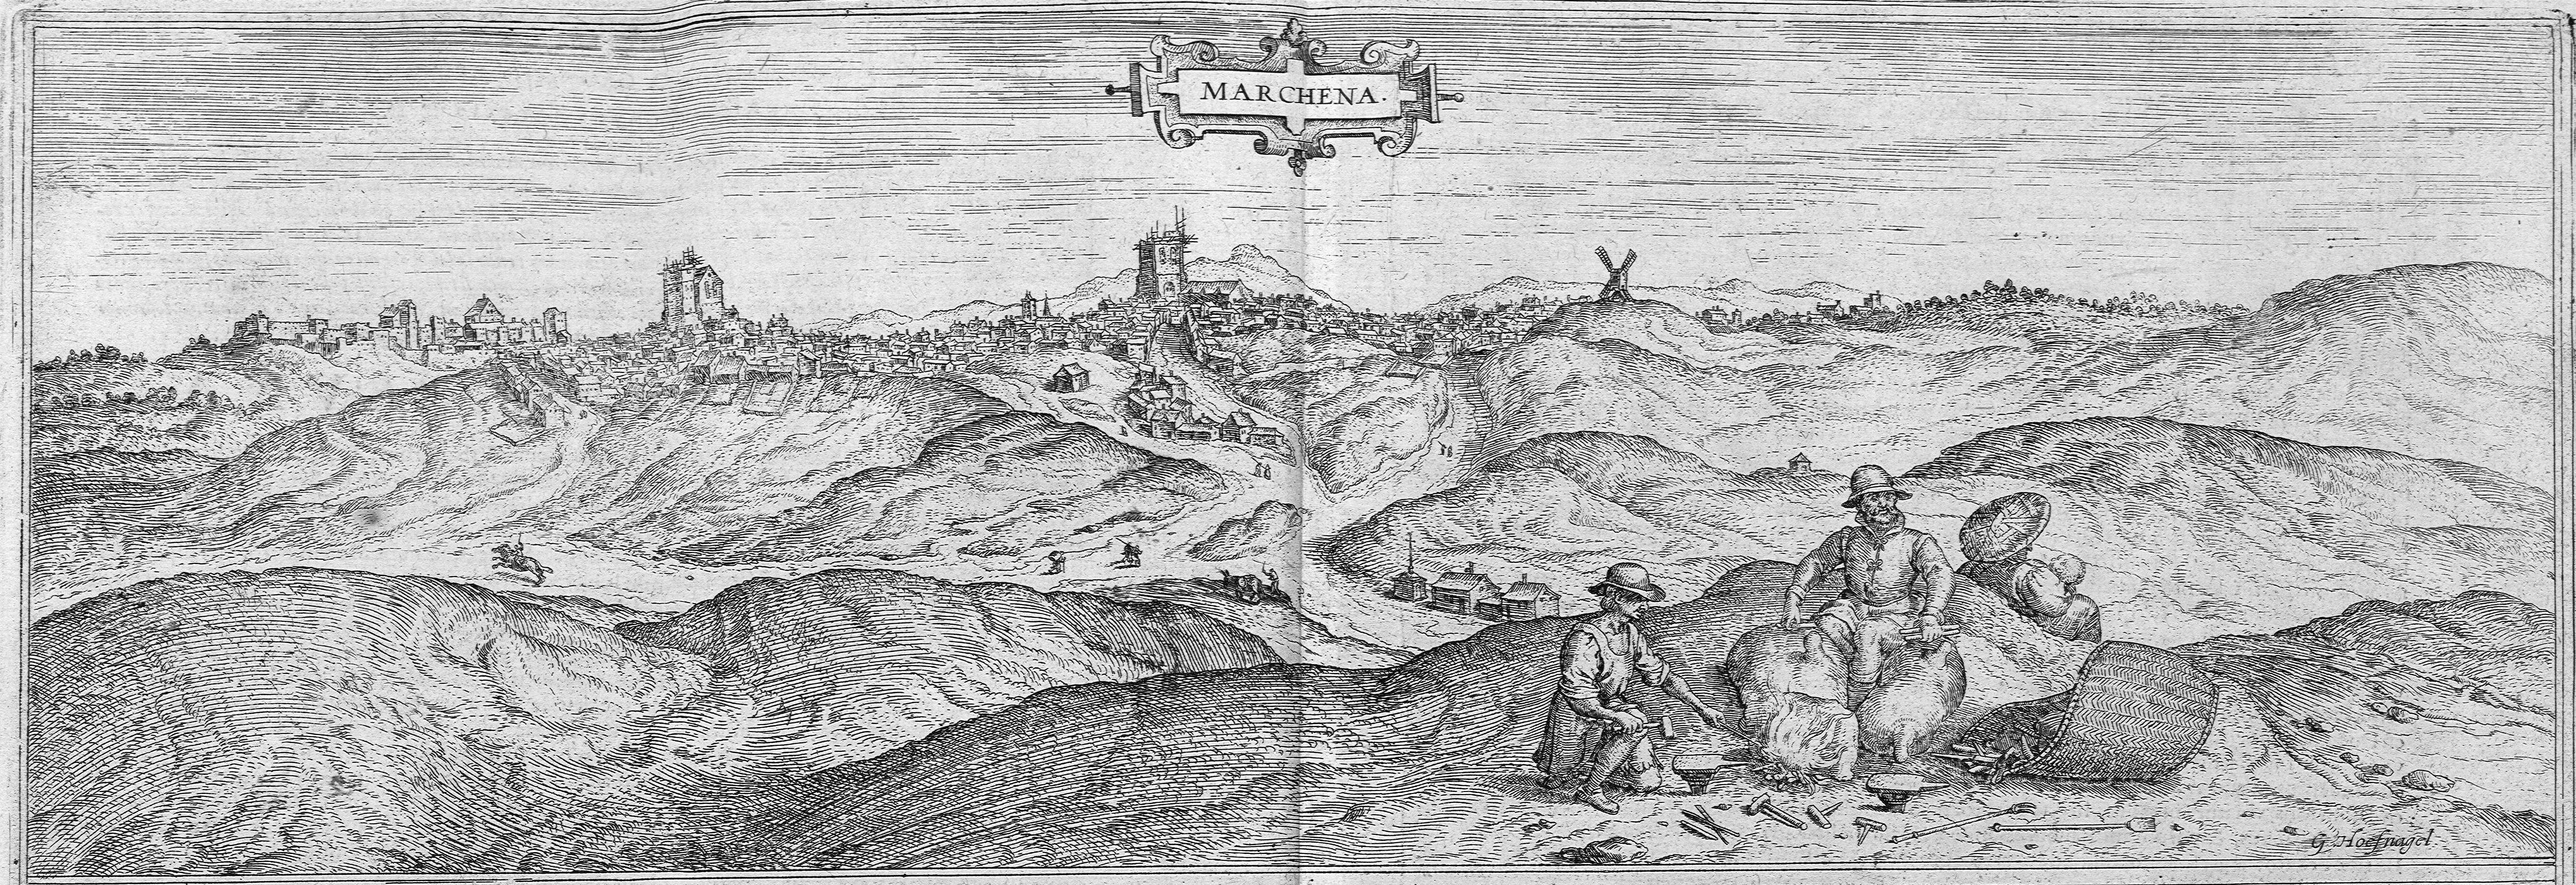 Imagen 5: Grabado de Georg Hoefnagel para el Civitates Orbis Terrarum de Braun (1565) Autor: Archivo